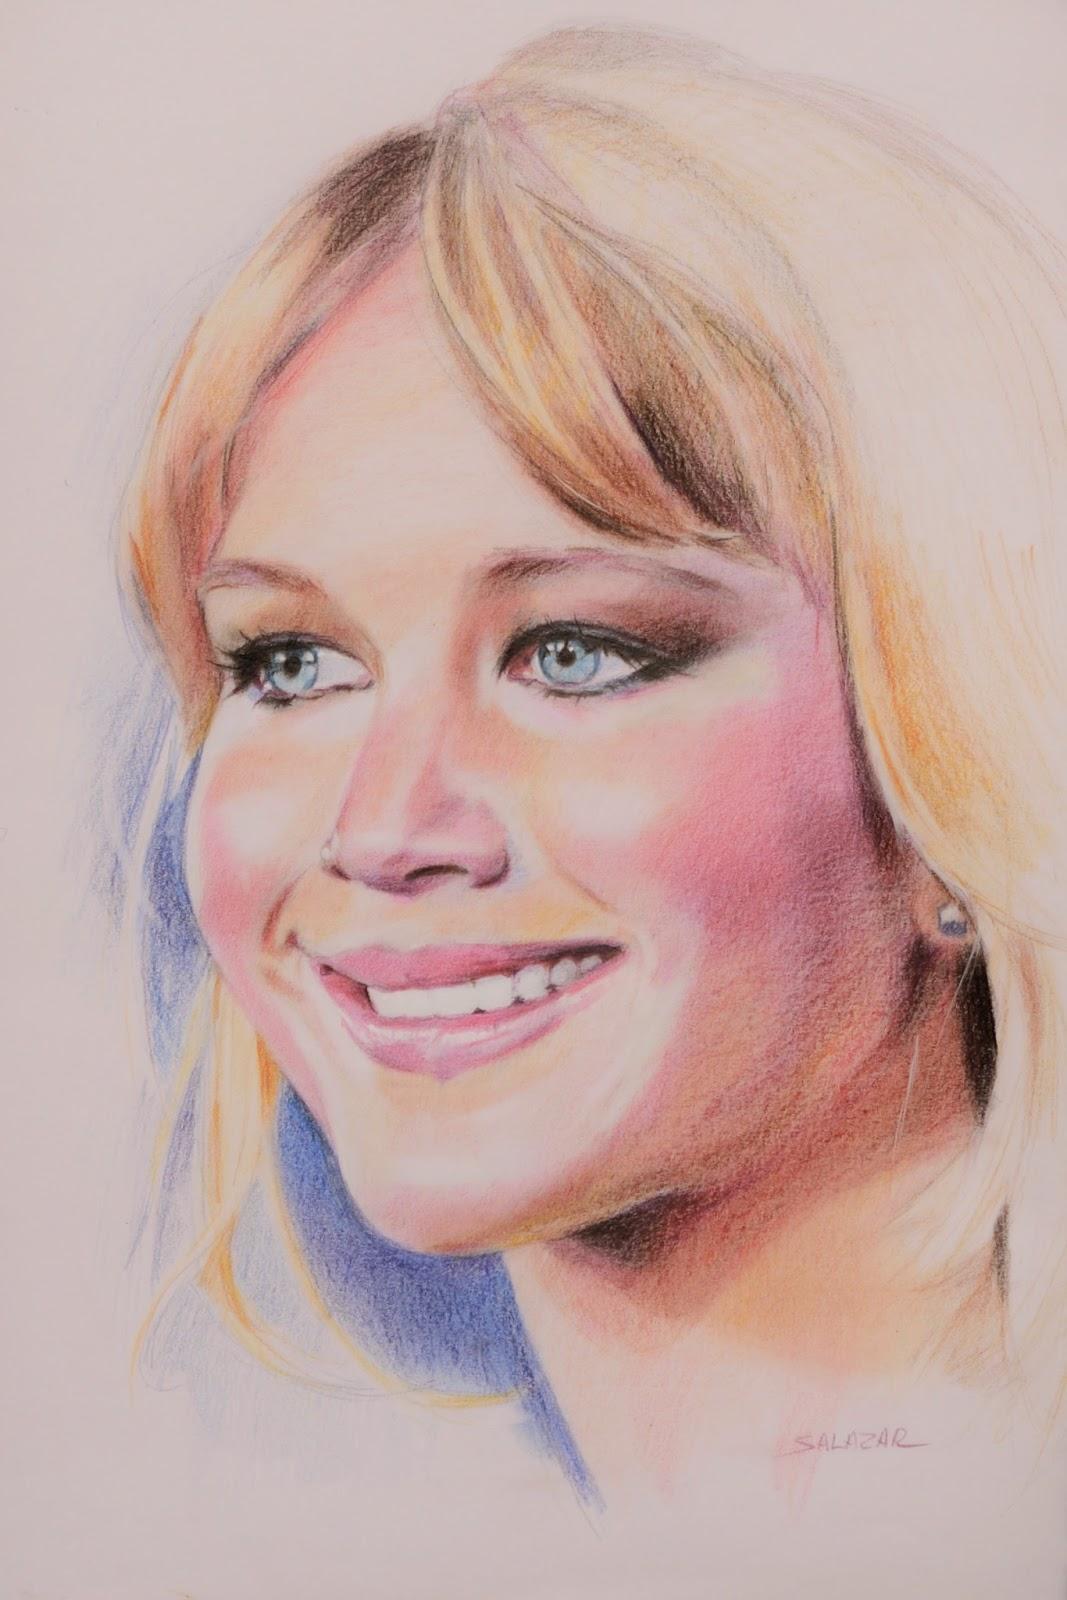 Dibujo de retrato con lápiz de color Faber-Castell Polychromos.